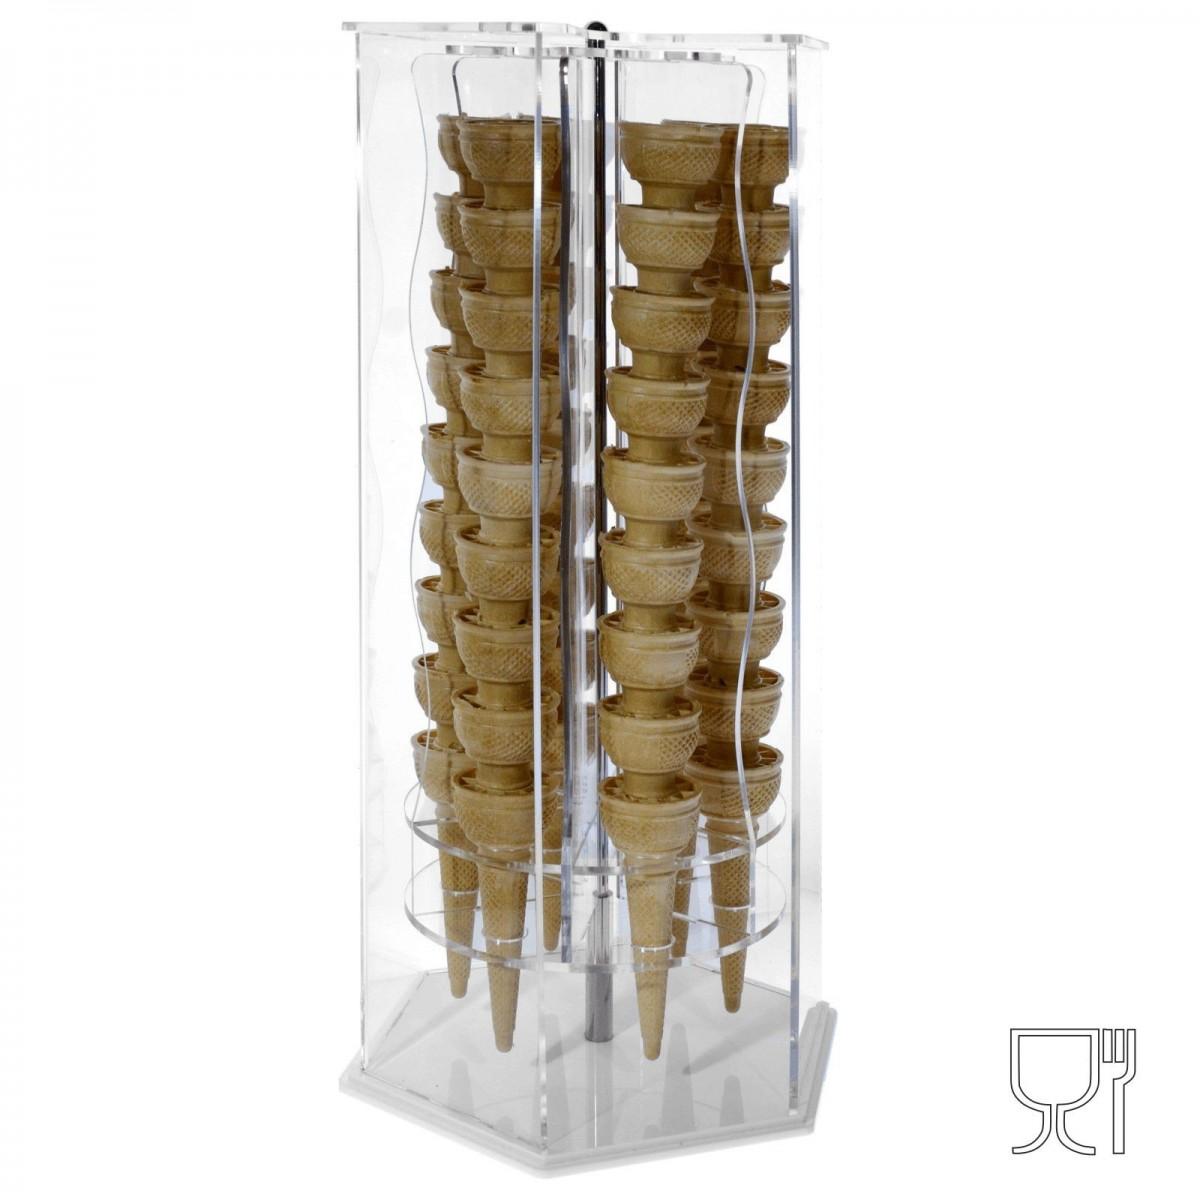 E-119 - Porta coni girevole in plex trasp di forma esagonale